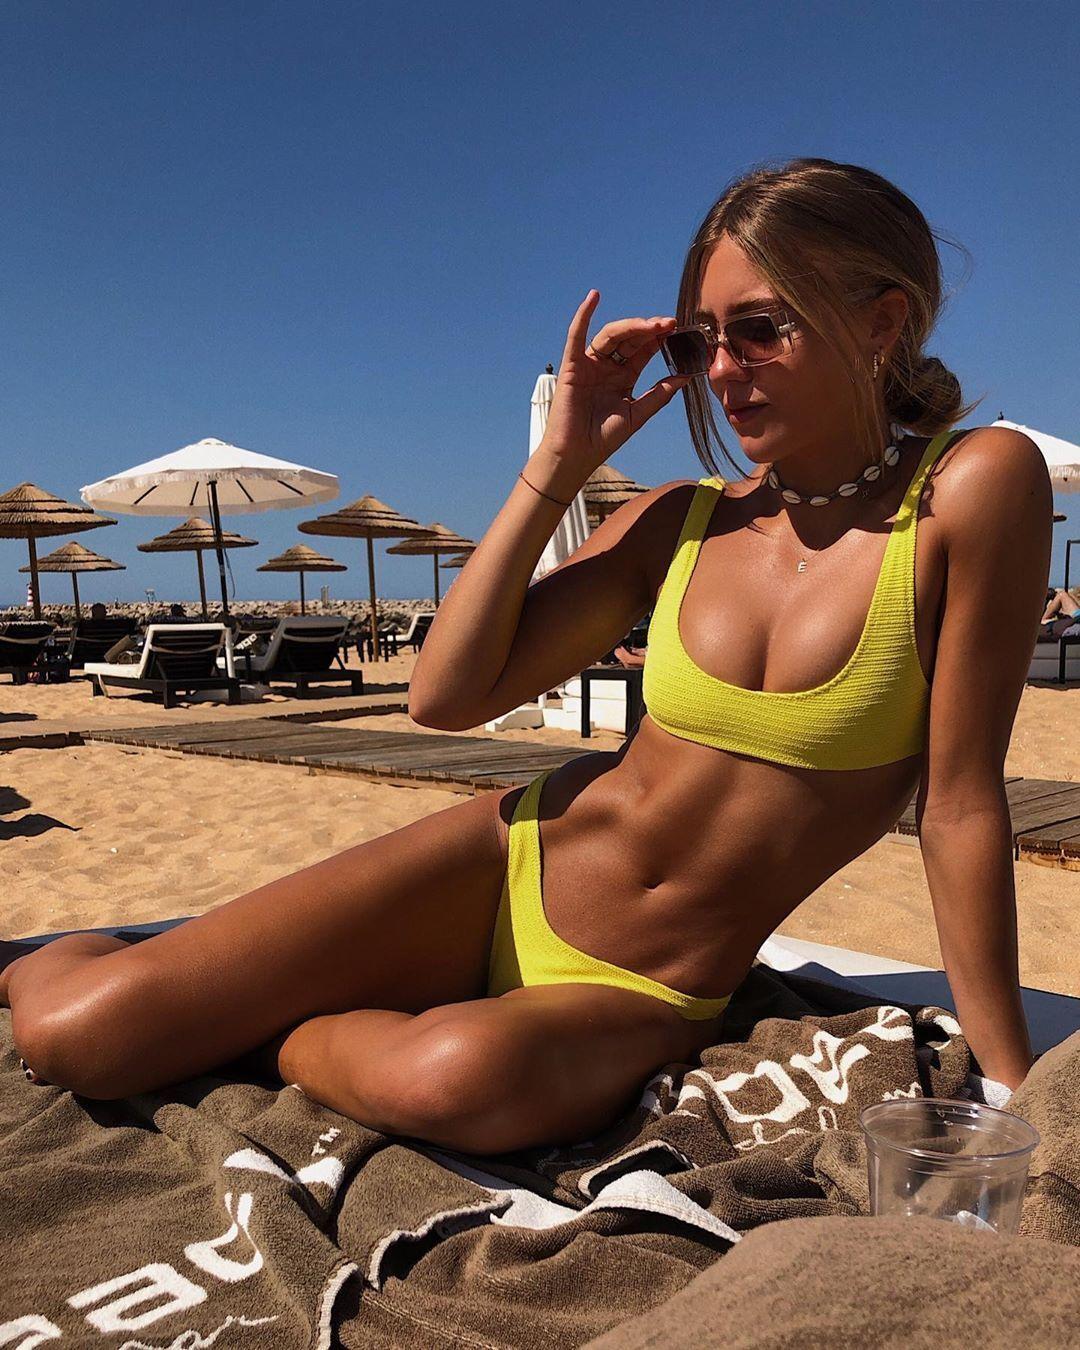 Эмма Каннинг в желтом купальнике